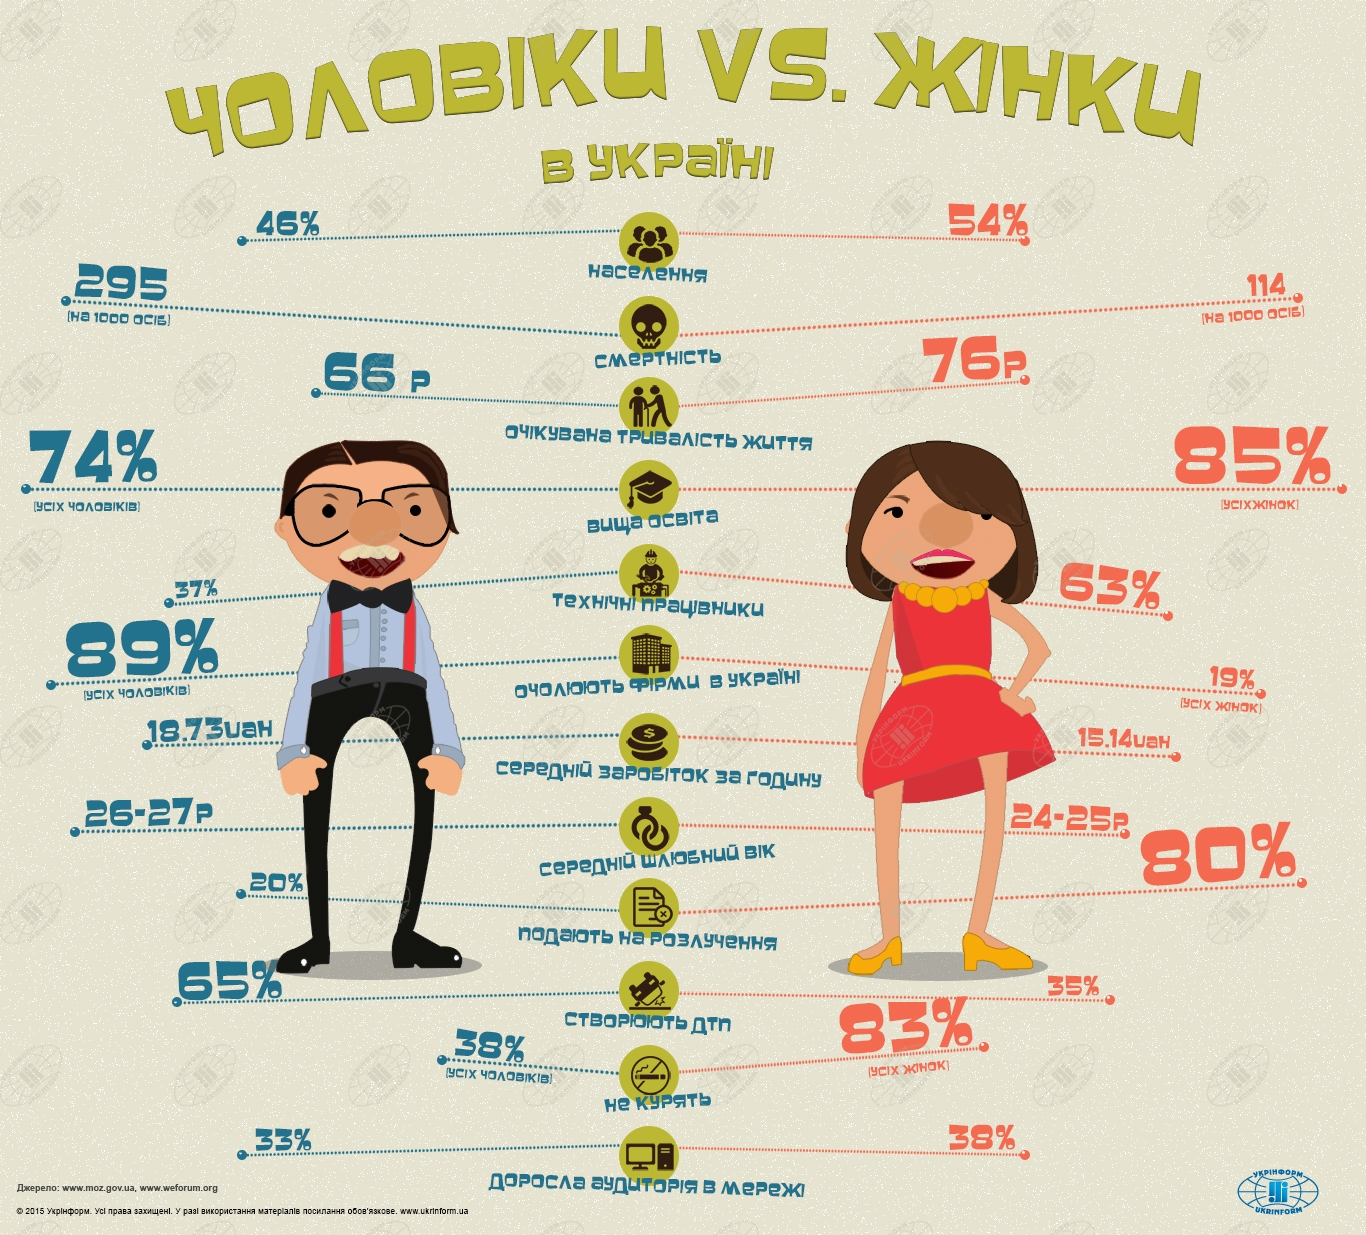 Чоловіки vs. жінки